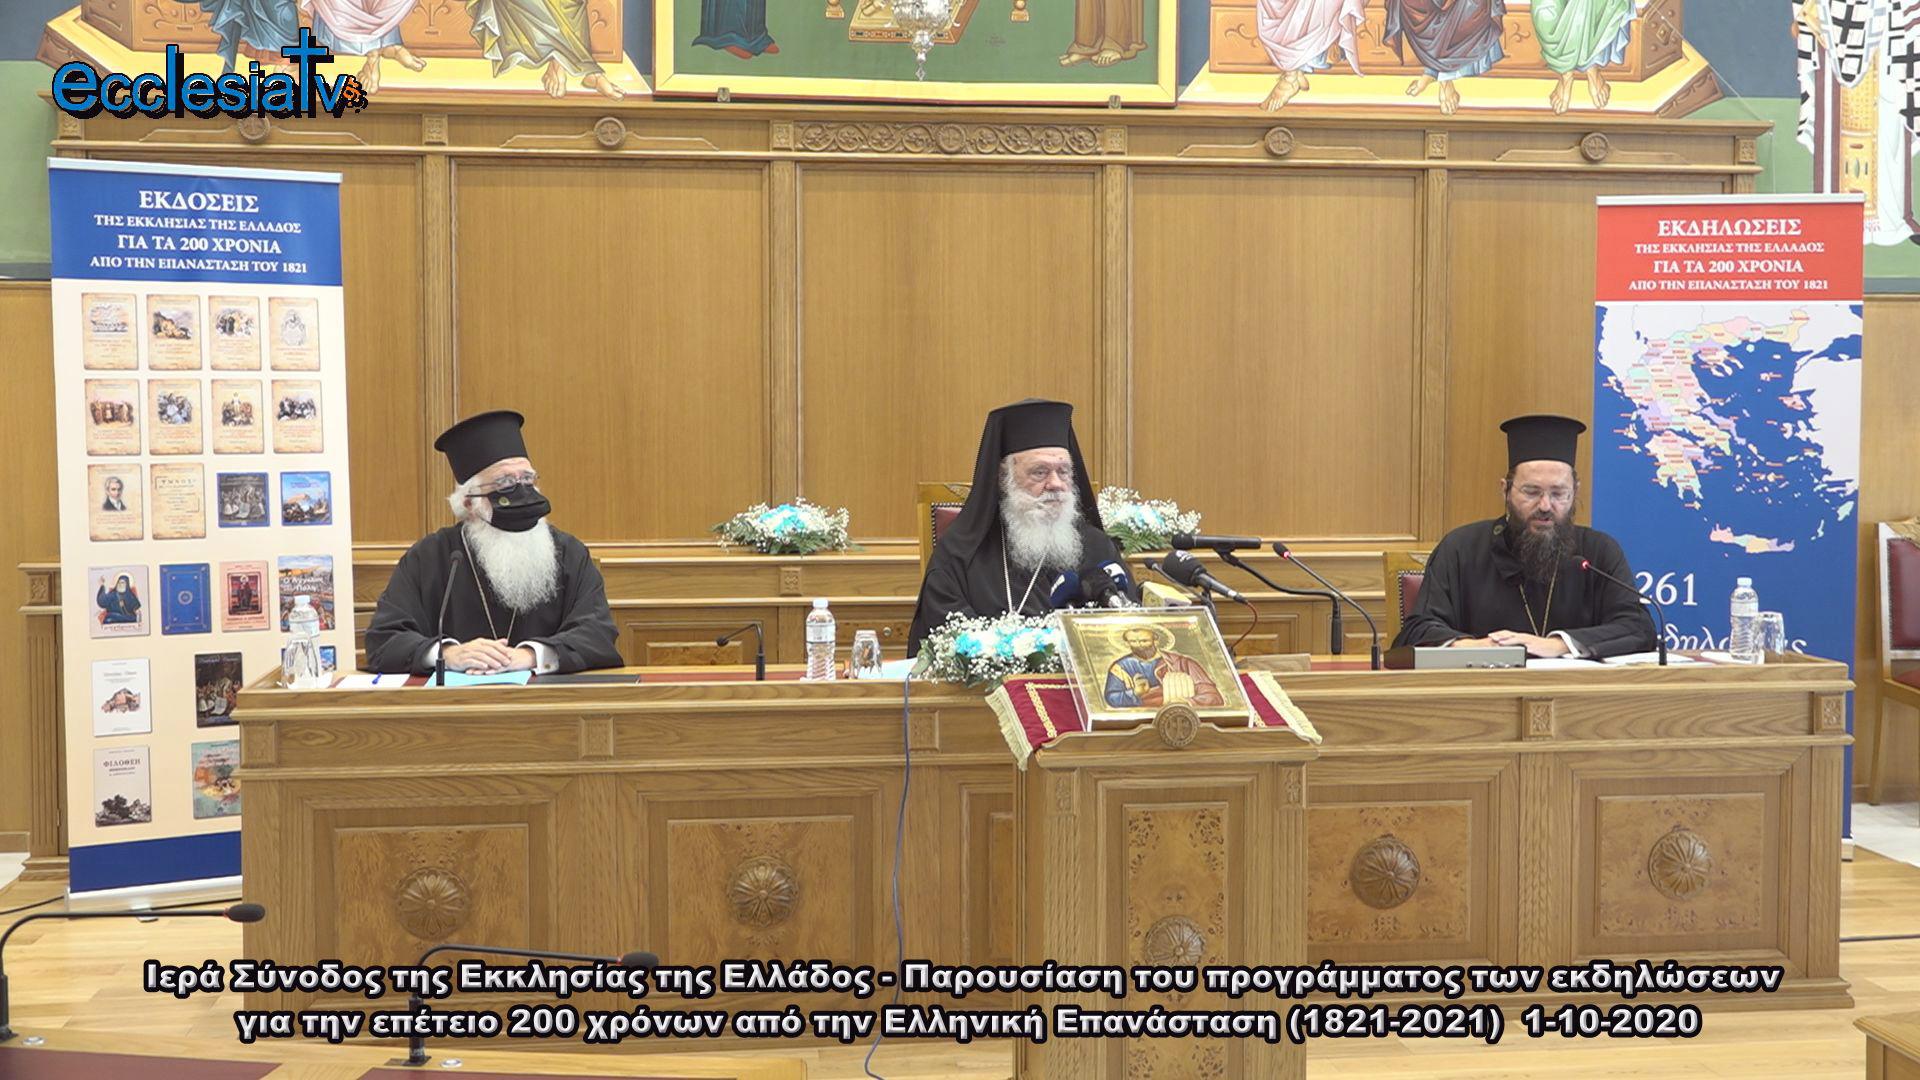 Ιερά Σύνοδος της Εκκλησίας της Ελλάδος - Παρουσίαση του προγράμματος των εκδηλώσεων  για την επέτειο 200 χρόνων από την Ελληνική Επανάσταση (1821-2021)  1-10-2020